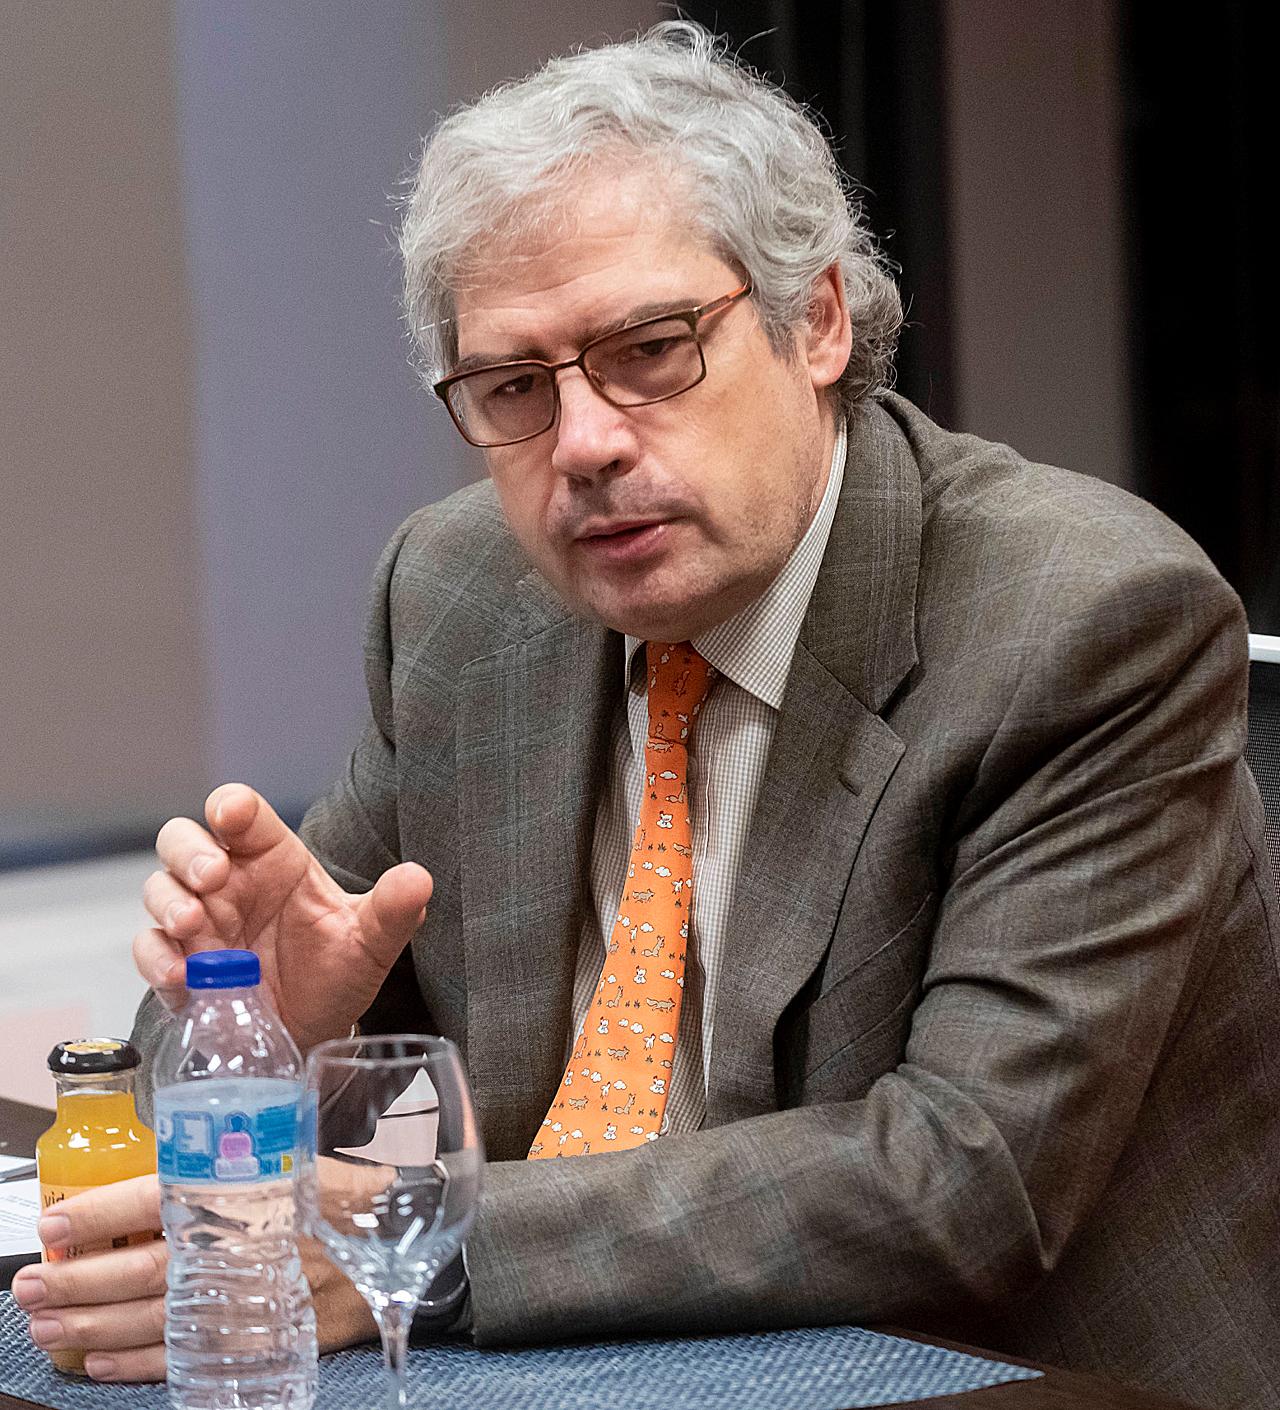 Raimundo Gutiérrez Fonseca, jefe del Servicio de Otorrinolaringolog�a del Hospital Universitario Rey Juan Carlos, de Móstoles (Madrid).